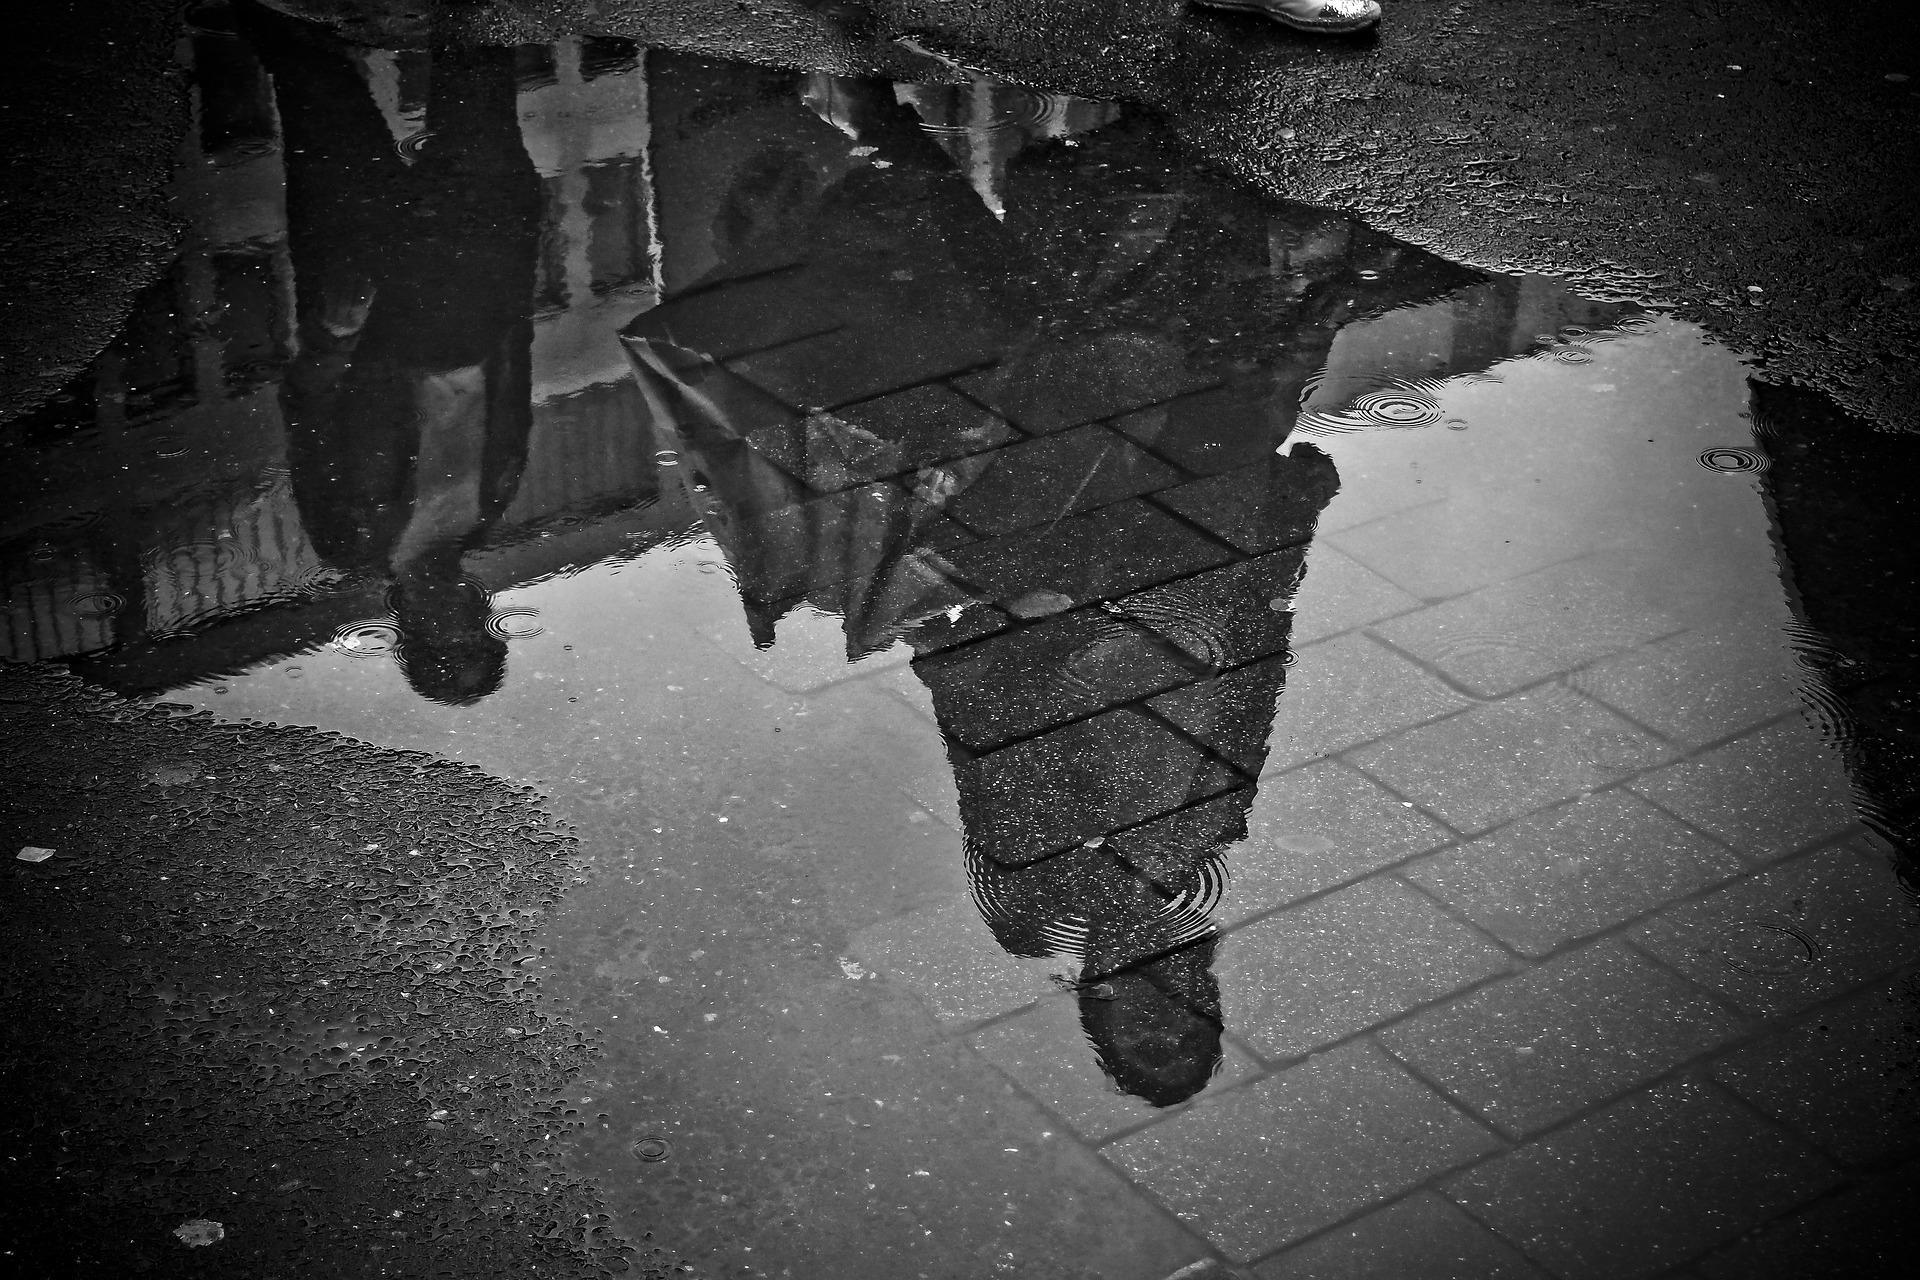 rain 2538429 1920 - Cómo denunciar el acoso escolar